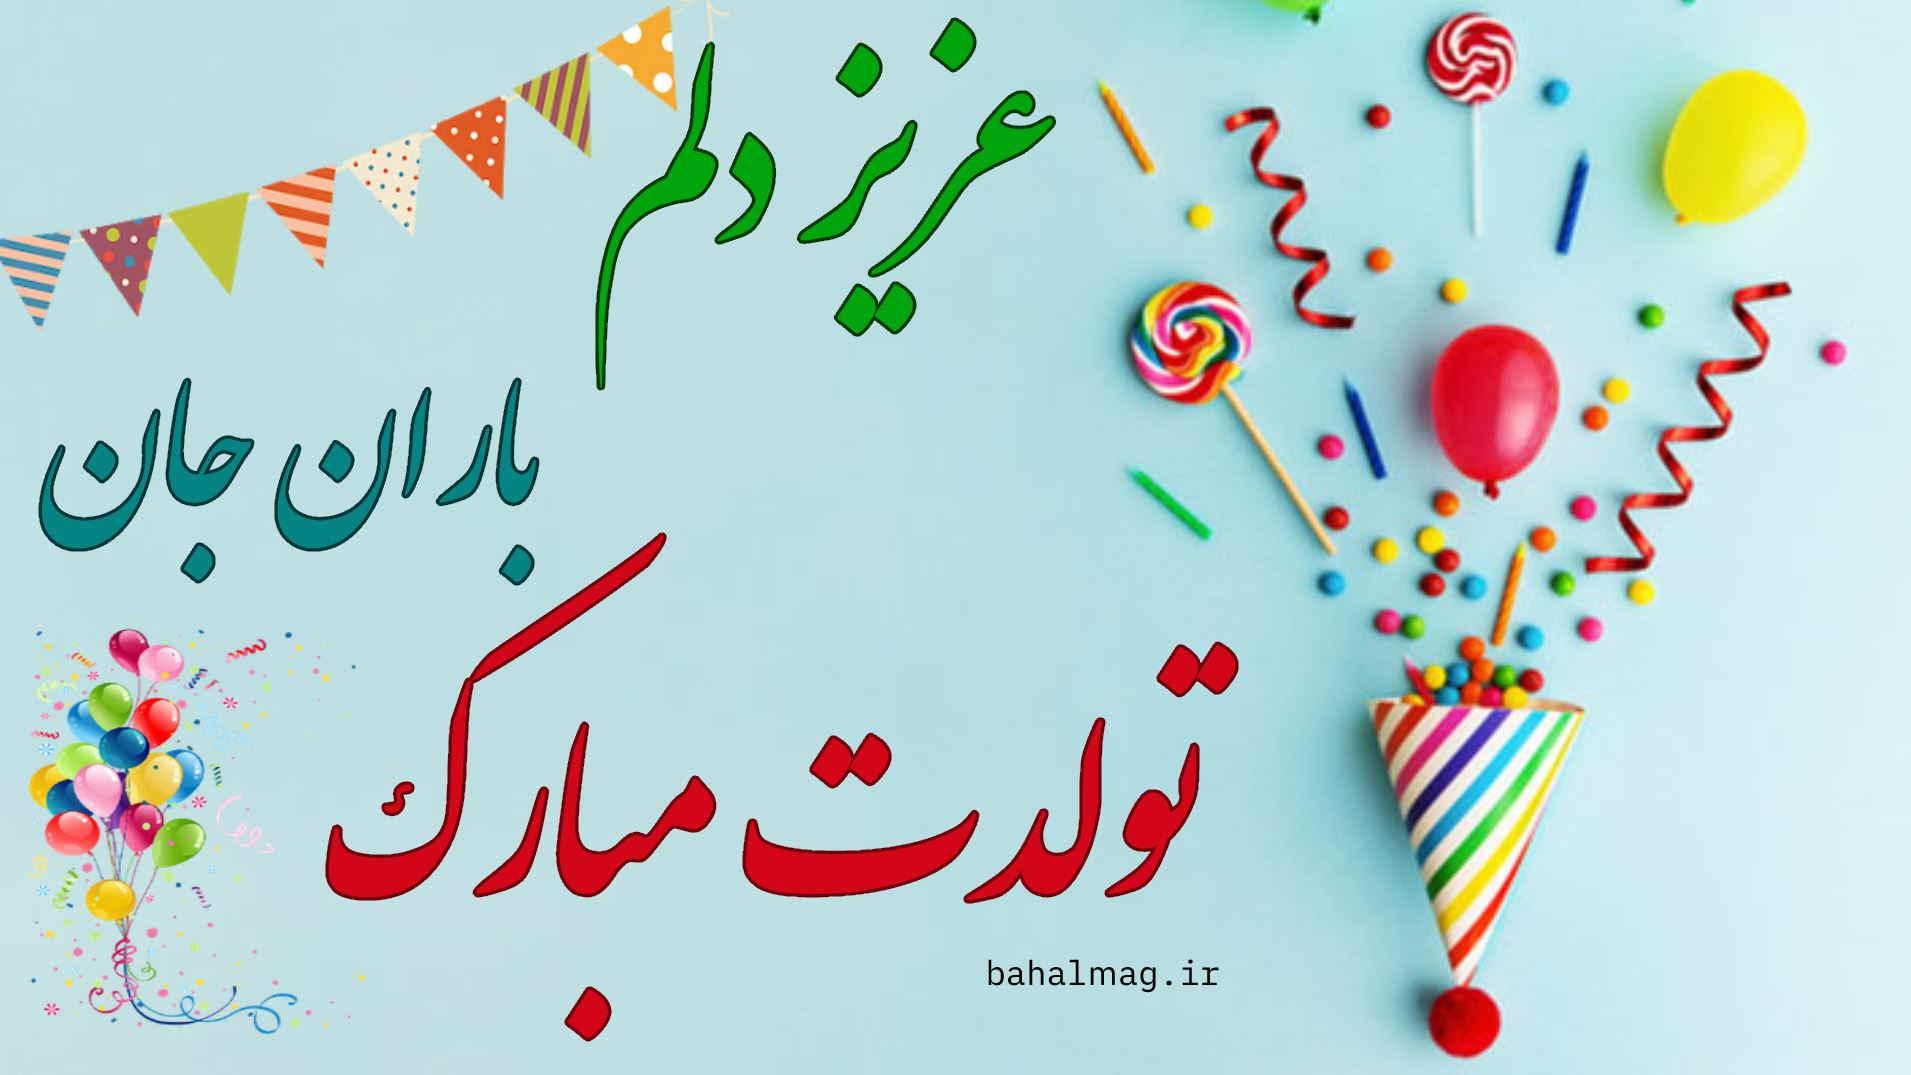 عزیز دلم باران تولدت مبارک